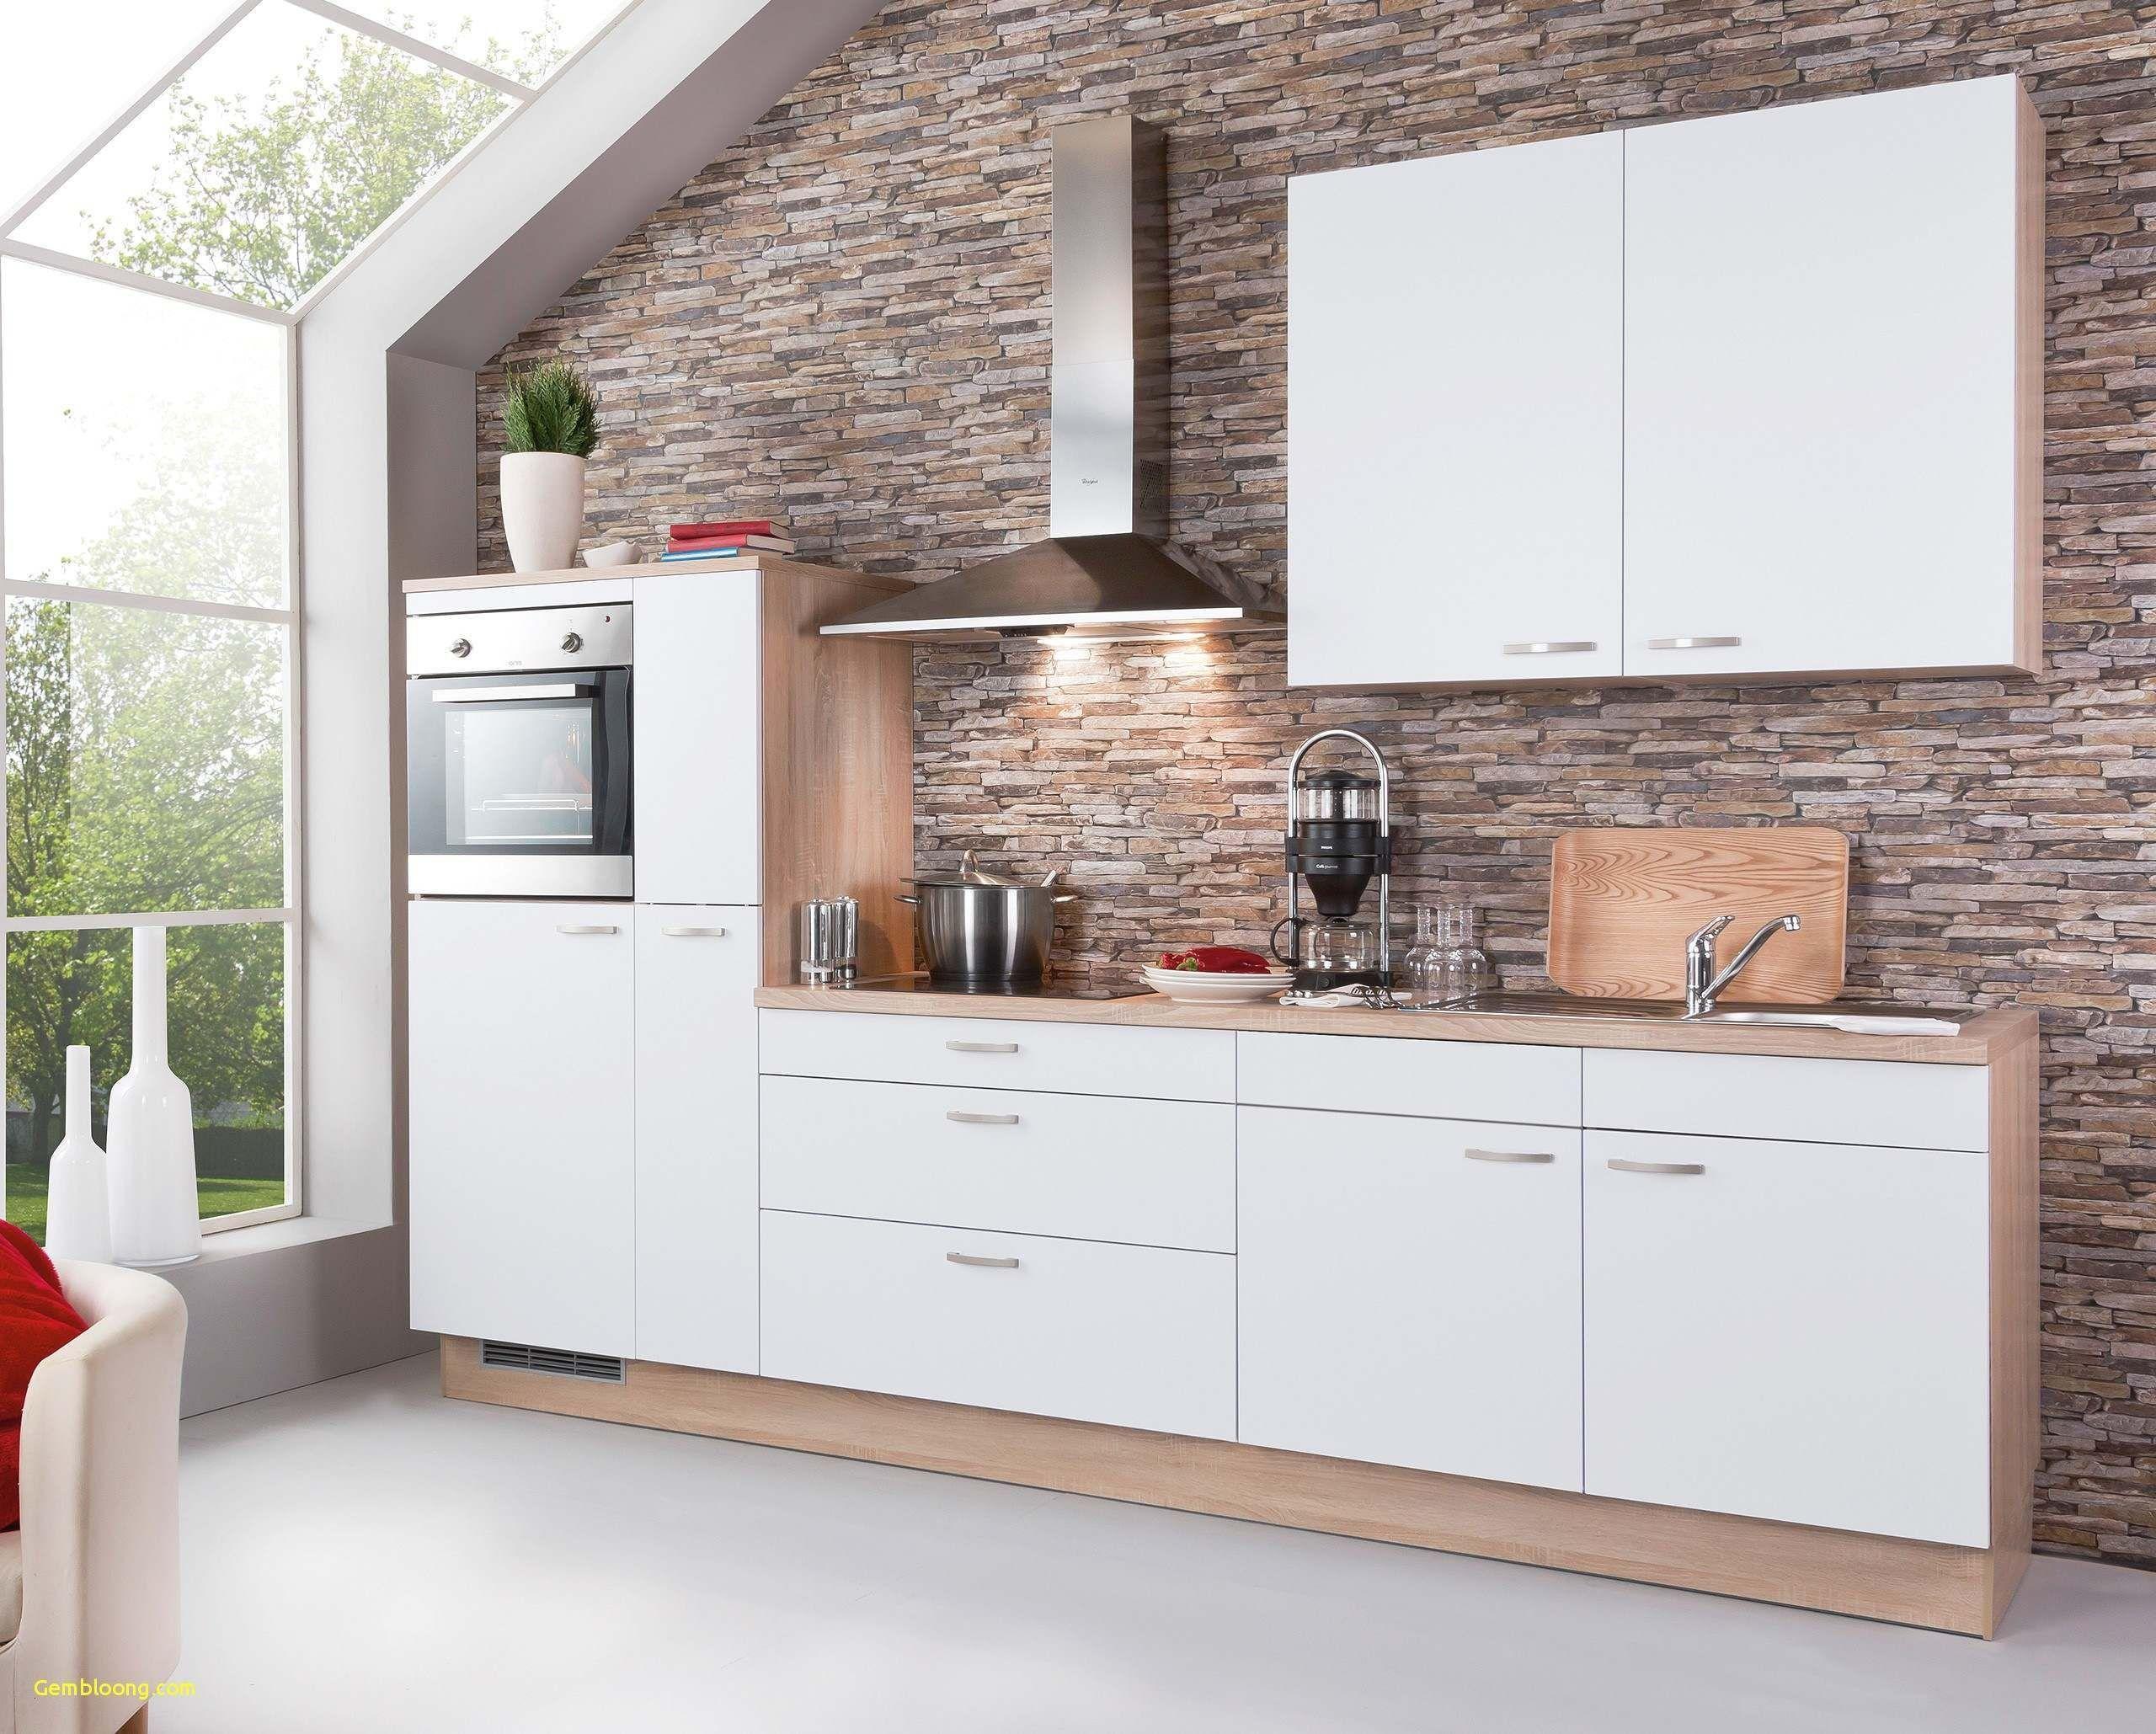 22 Frisch Arbeitsplatte Kuche Gesprenkelt Kitchen House Design Decor